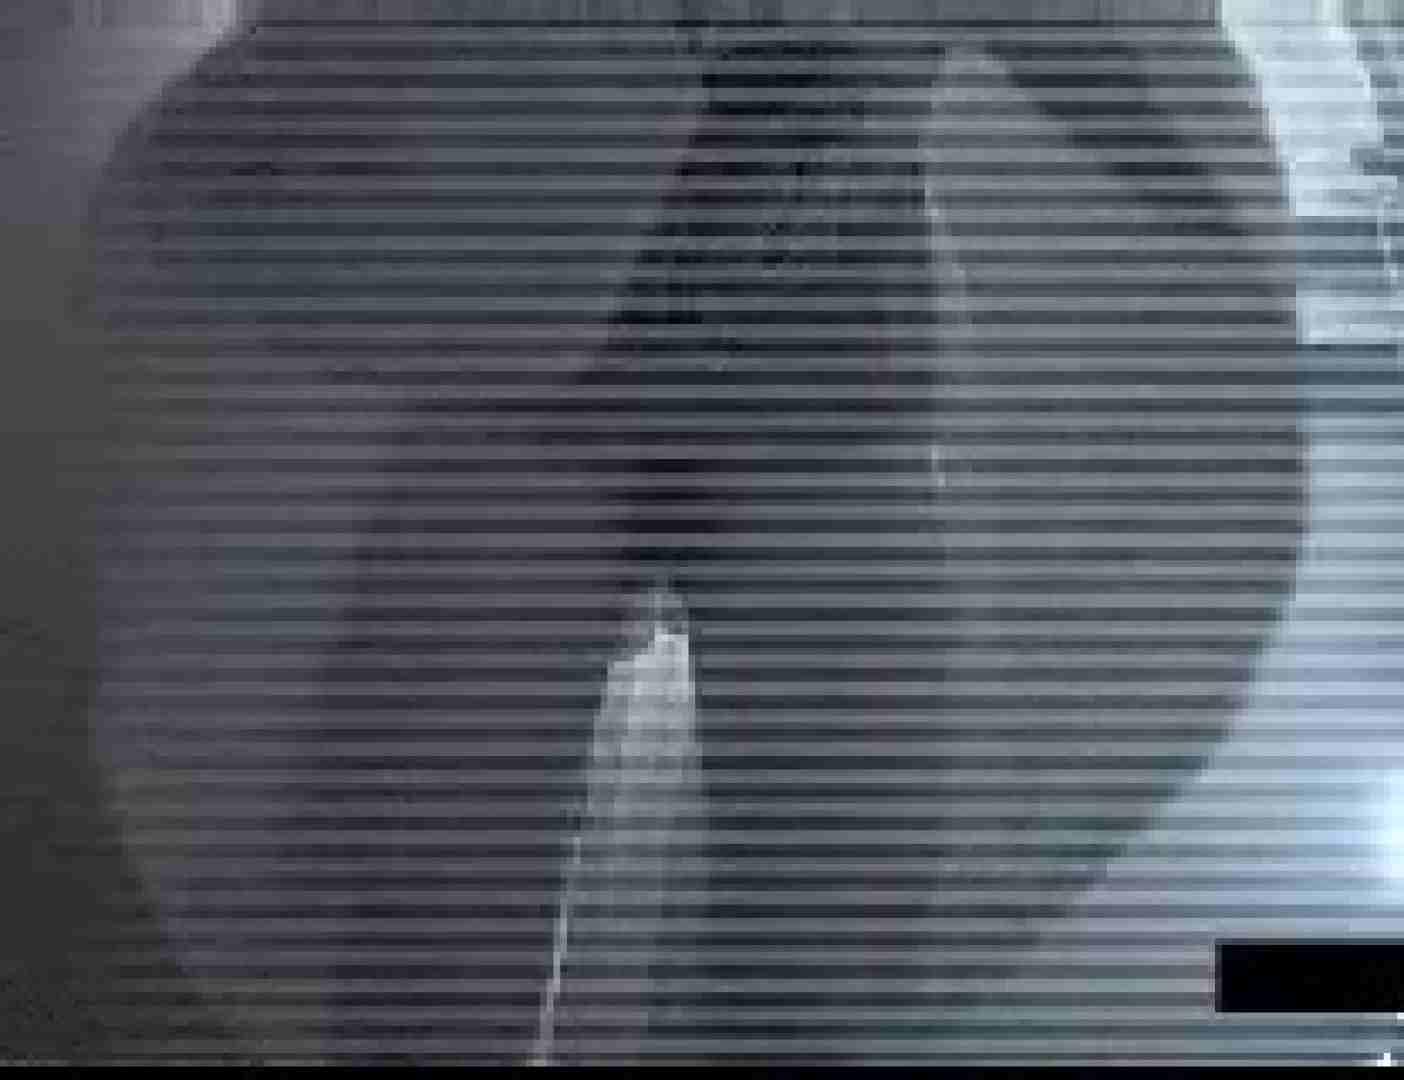 海水浴場 キガエールギャル シャワー エロ画像 91PIX 56